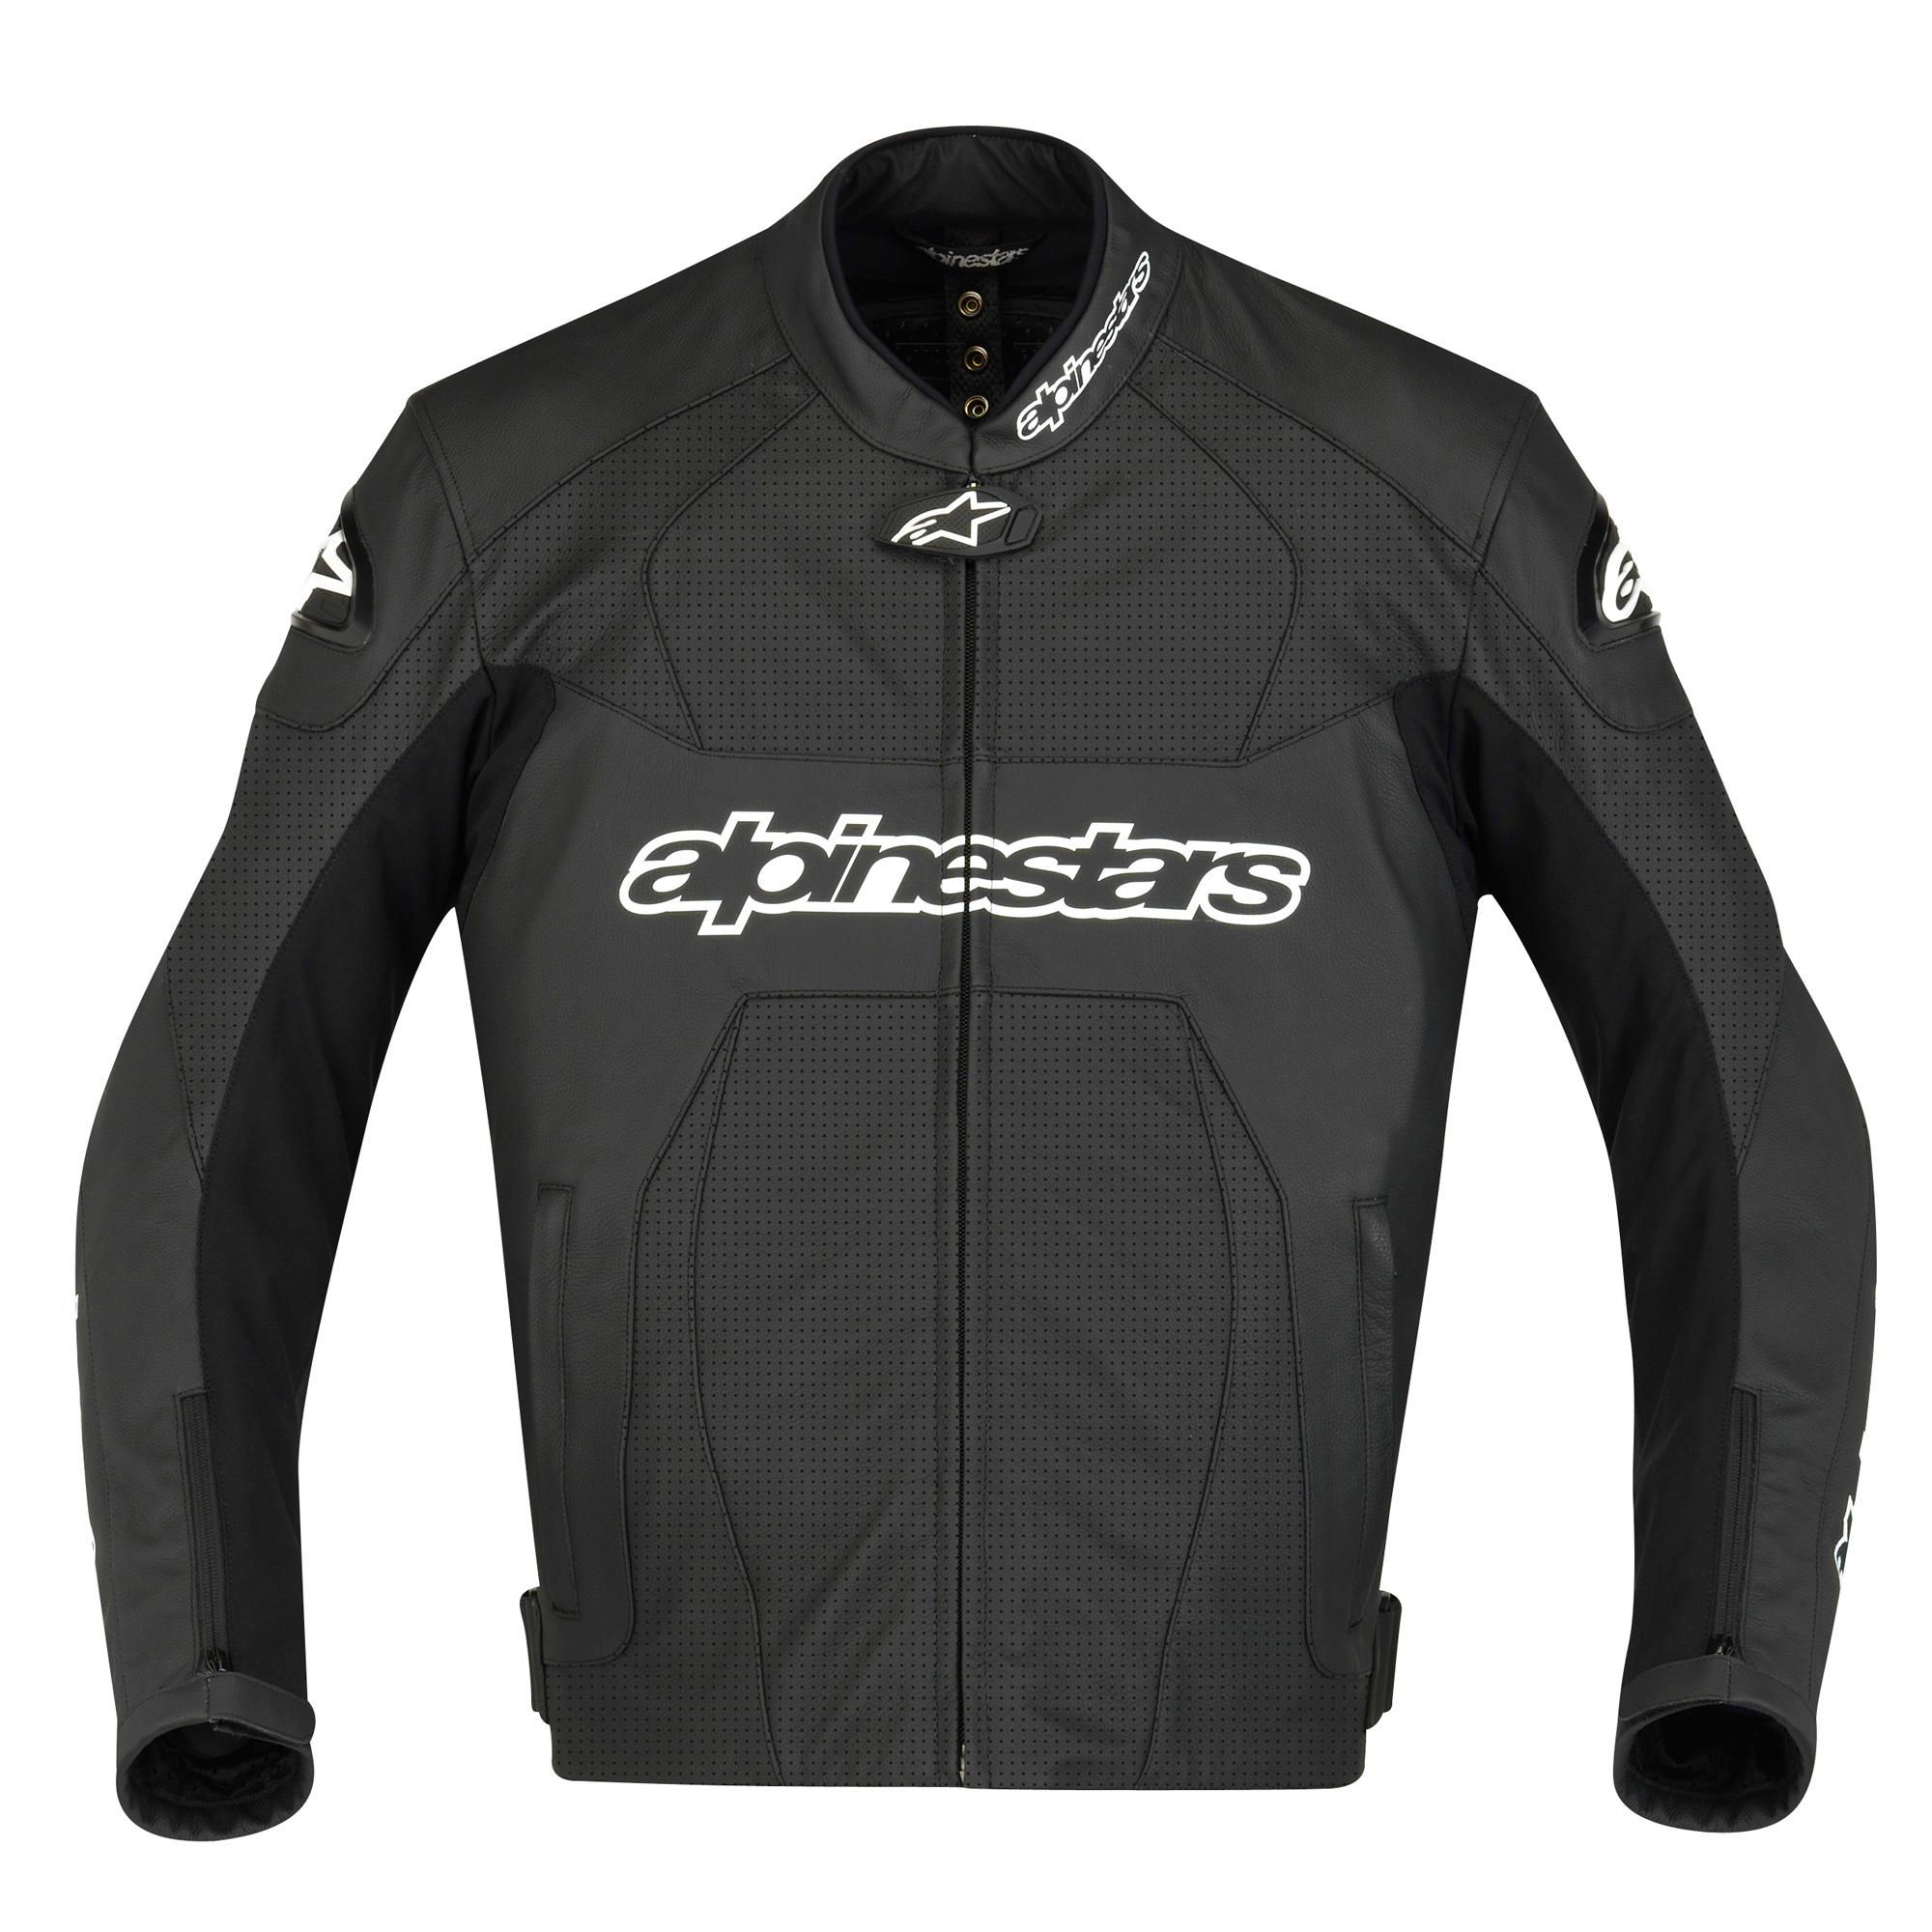 Alpinestars Motorcycle Jacket >> Alpinestars GP Plus Perforated Leather Jacket - Black